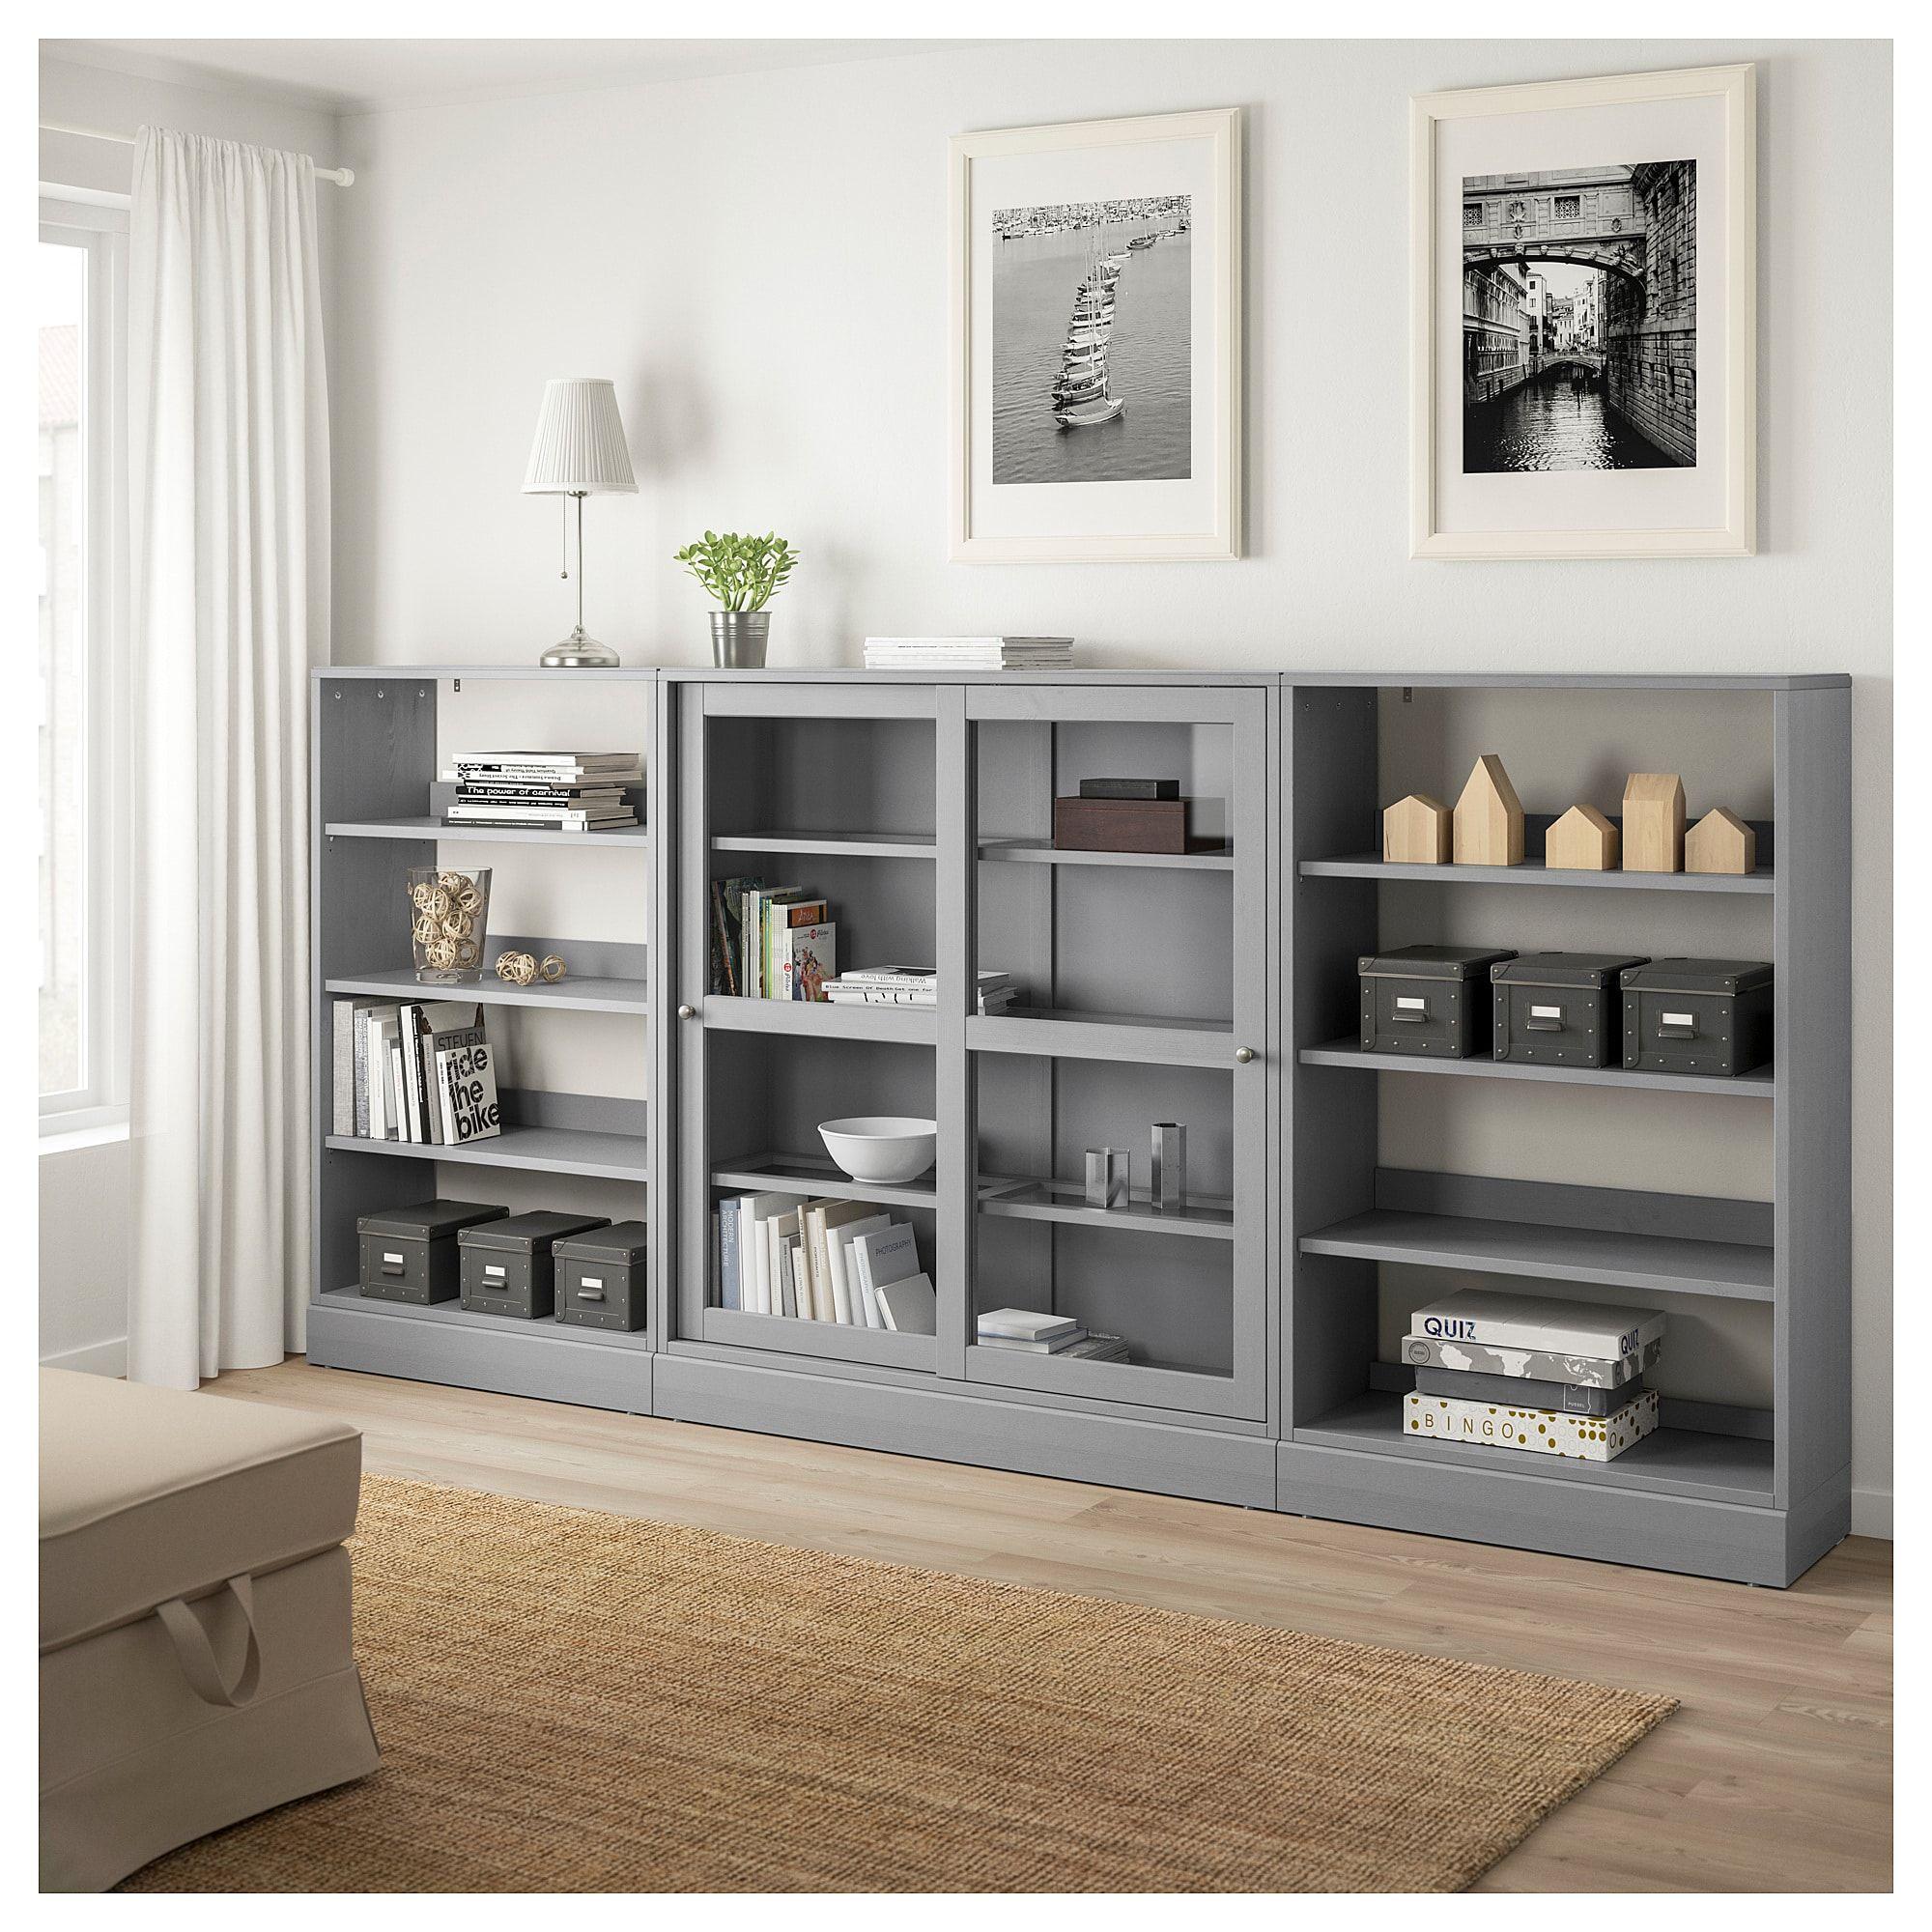 HAVSTA Aufbewahrung mit Glasschiebetüren - grau - IKEA Österreich